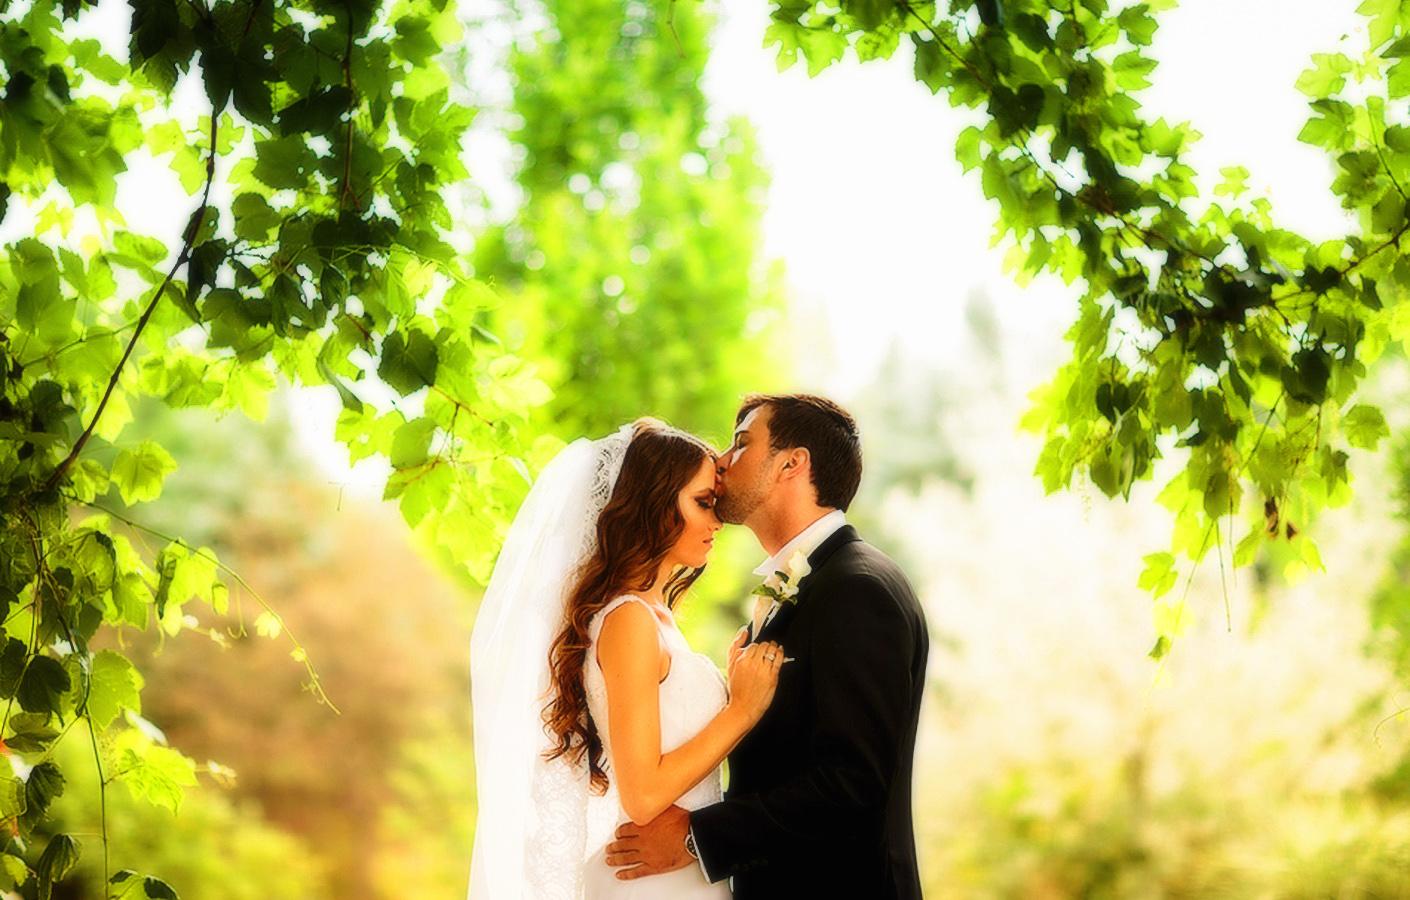 снится свадьба с бывшим парнем